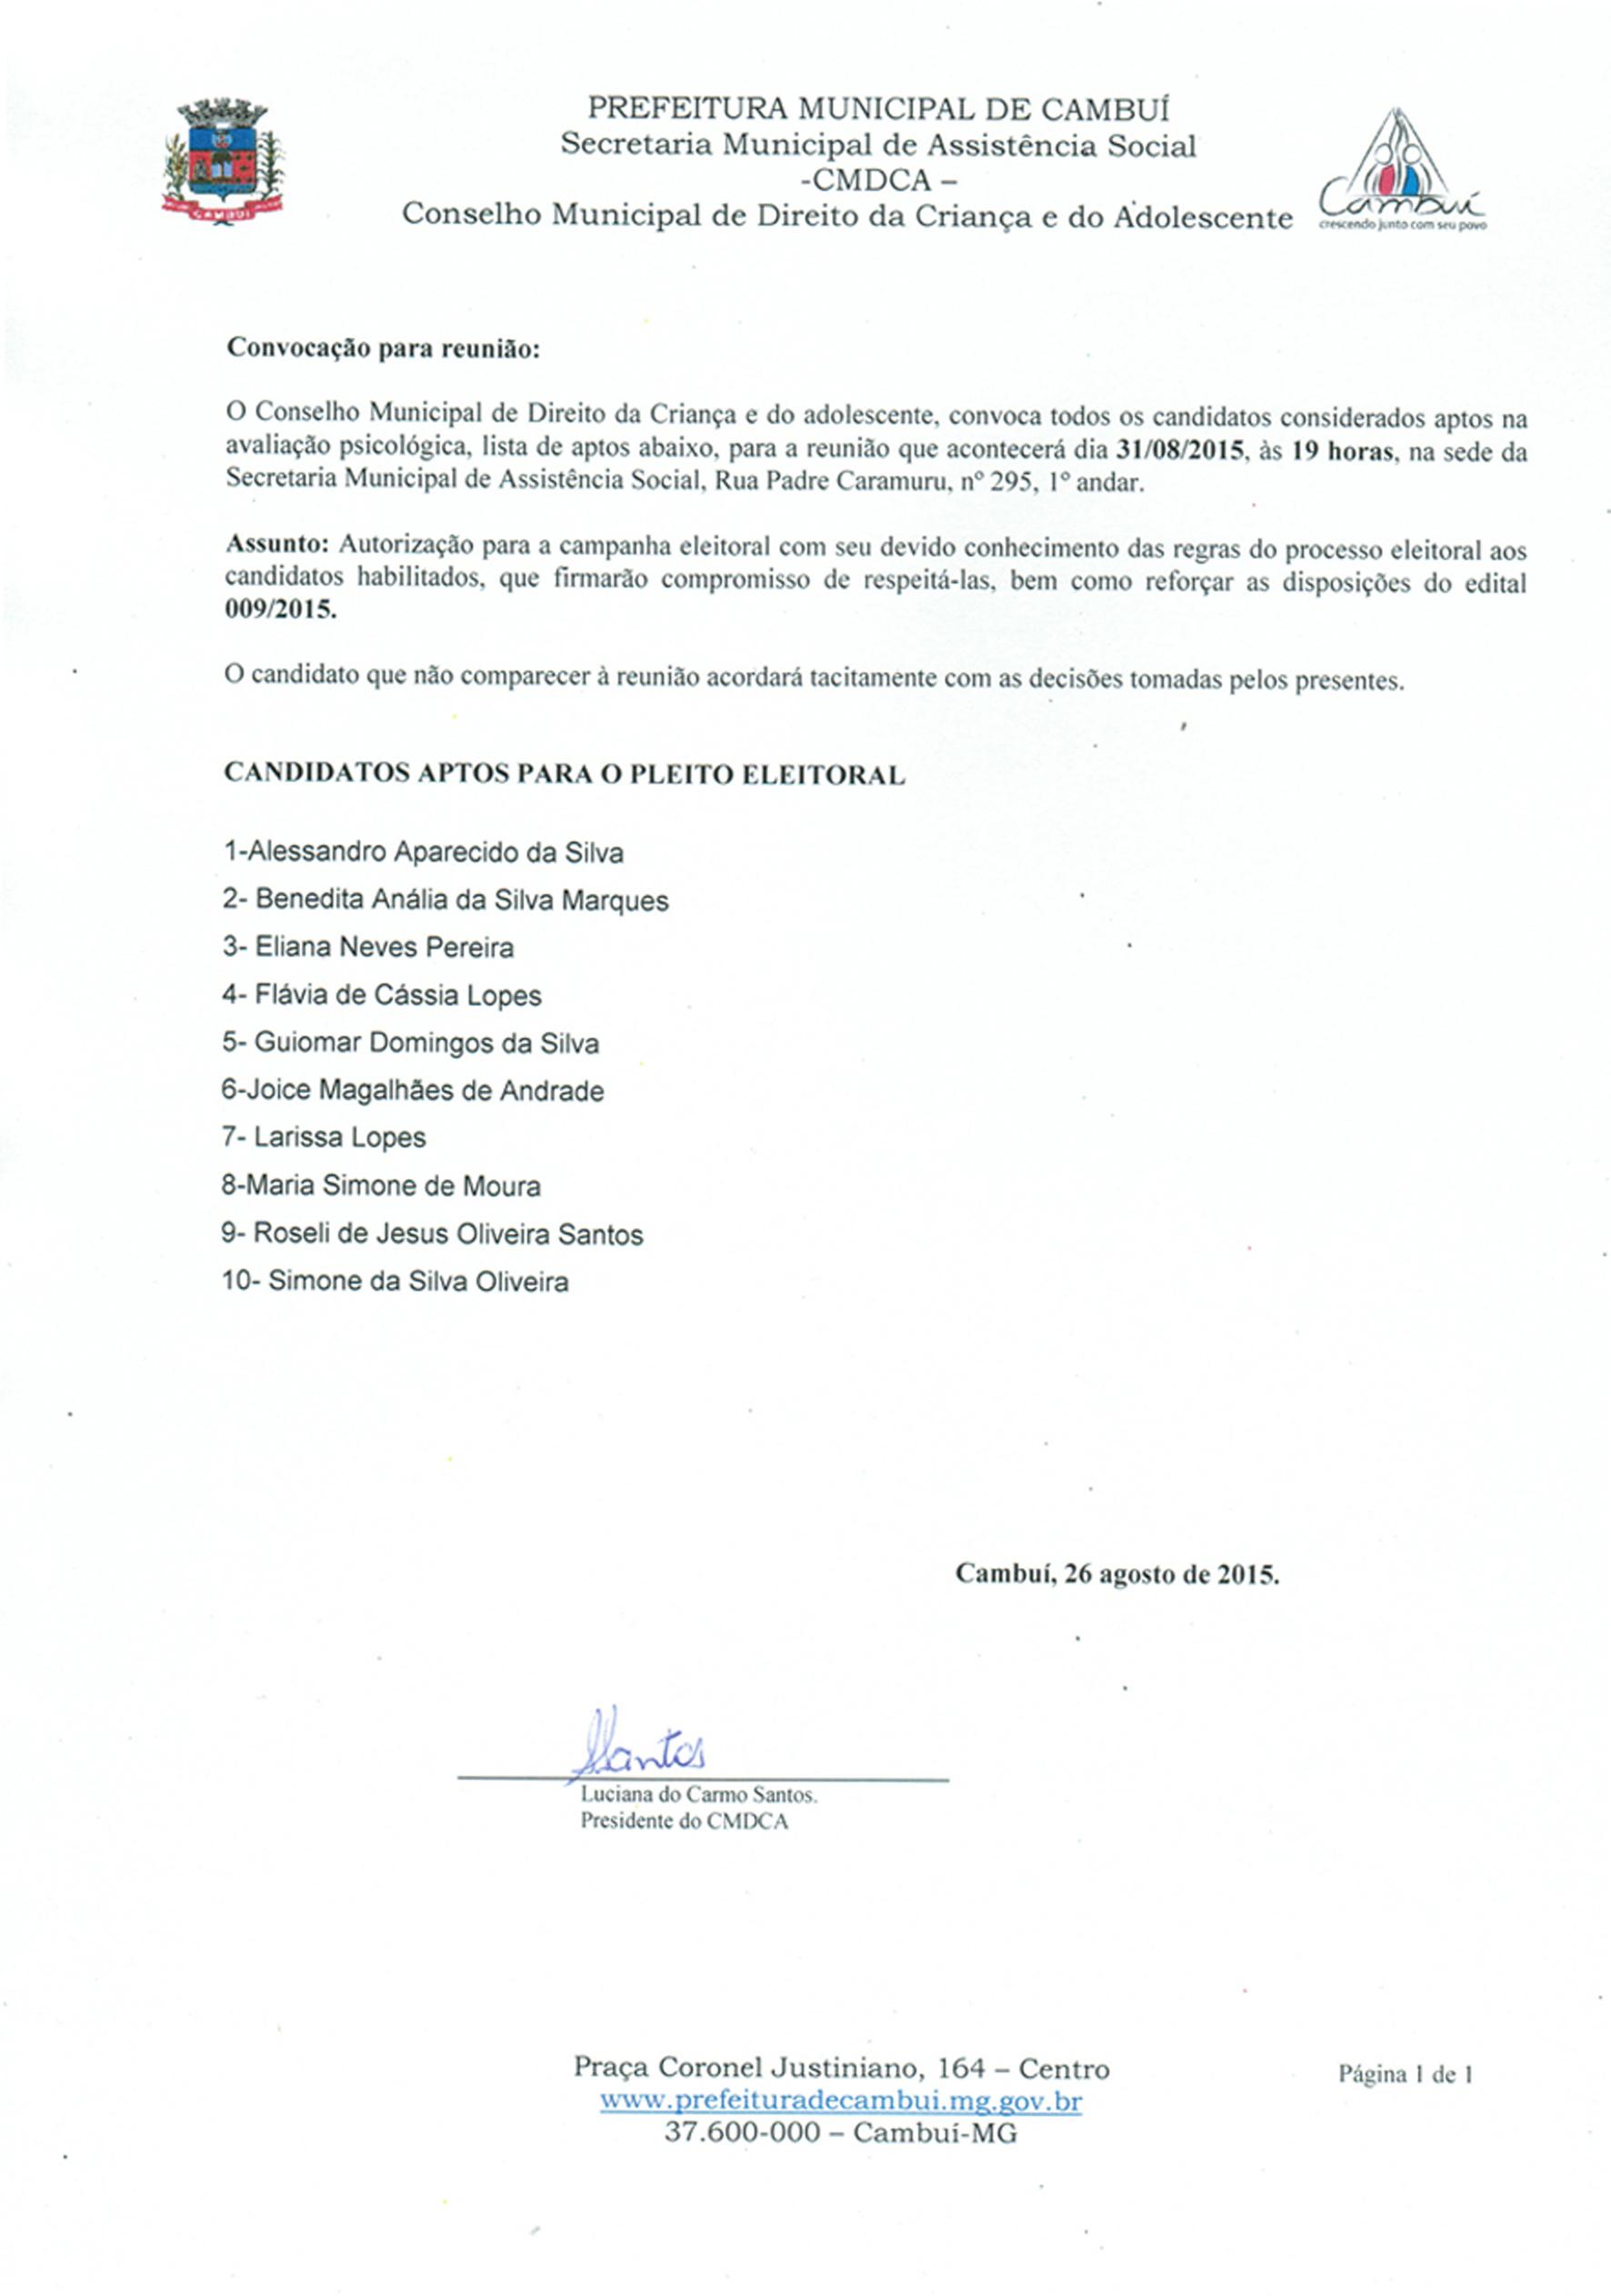 CDMA2